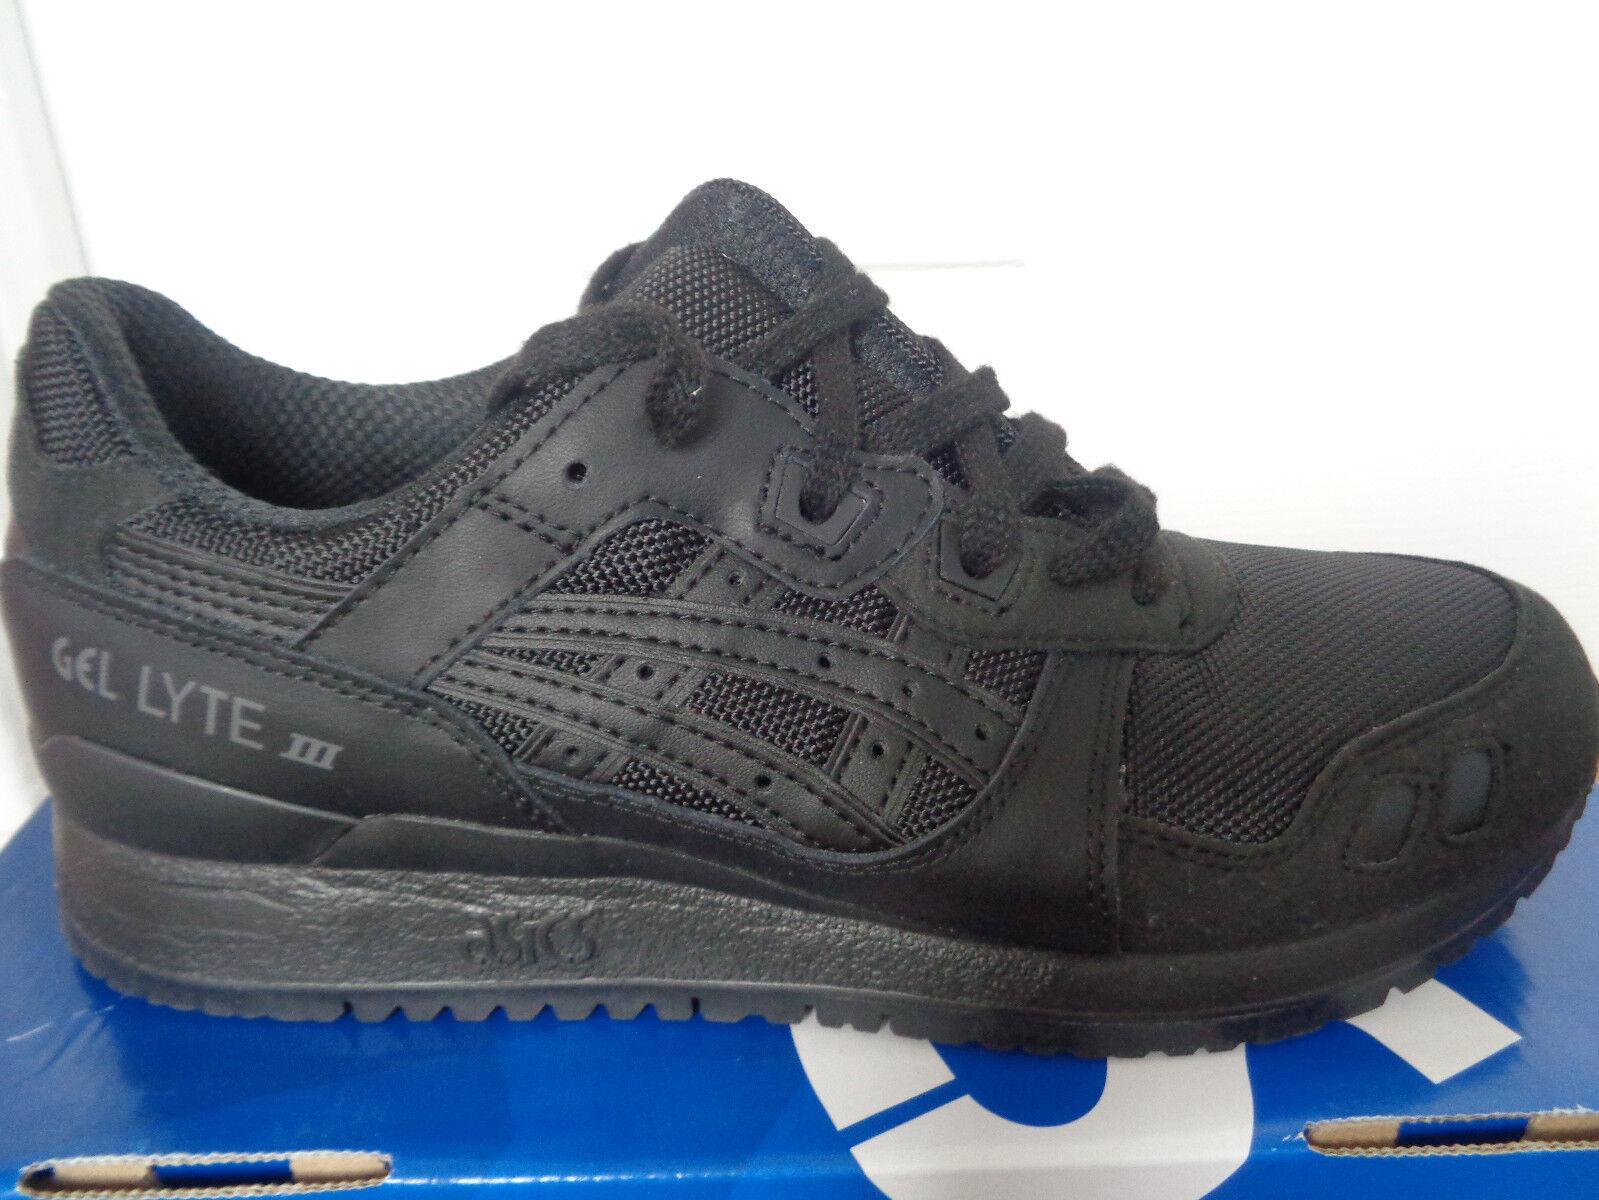 Asics Gel Lyte III mens trainers shoes HN6G4 9090 eu 40.5 us 7.5 NEW+BOX